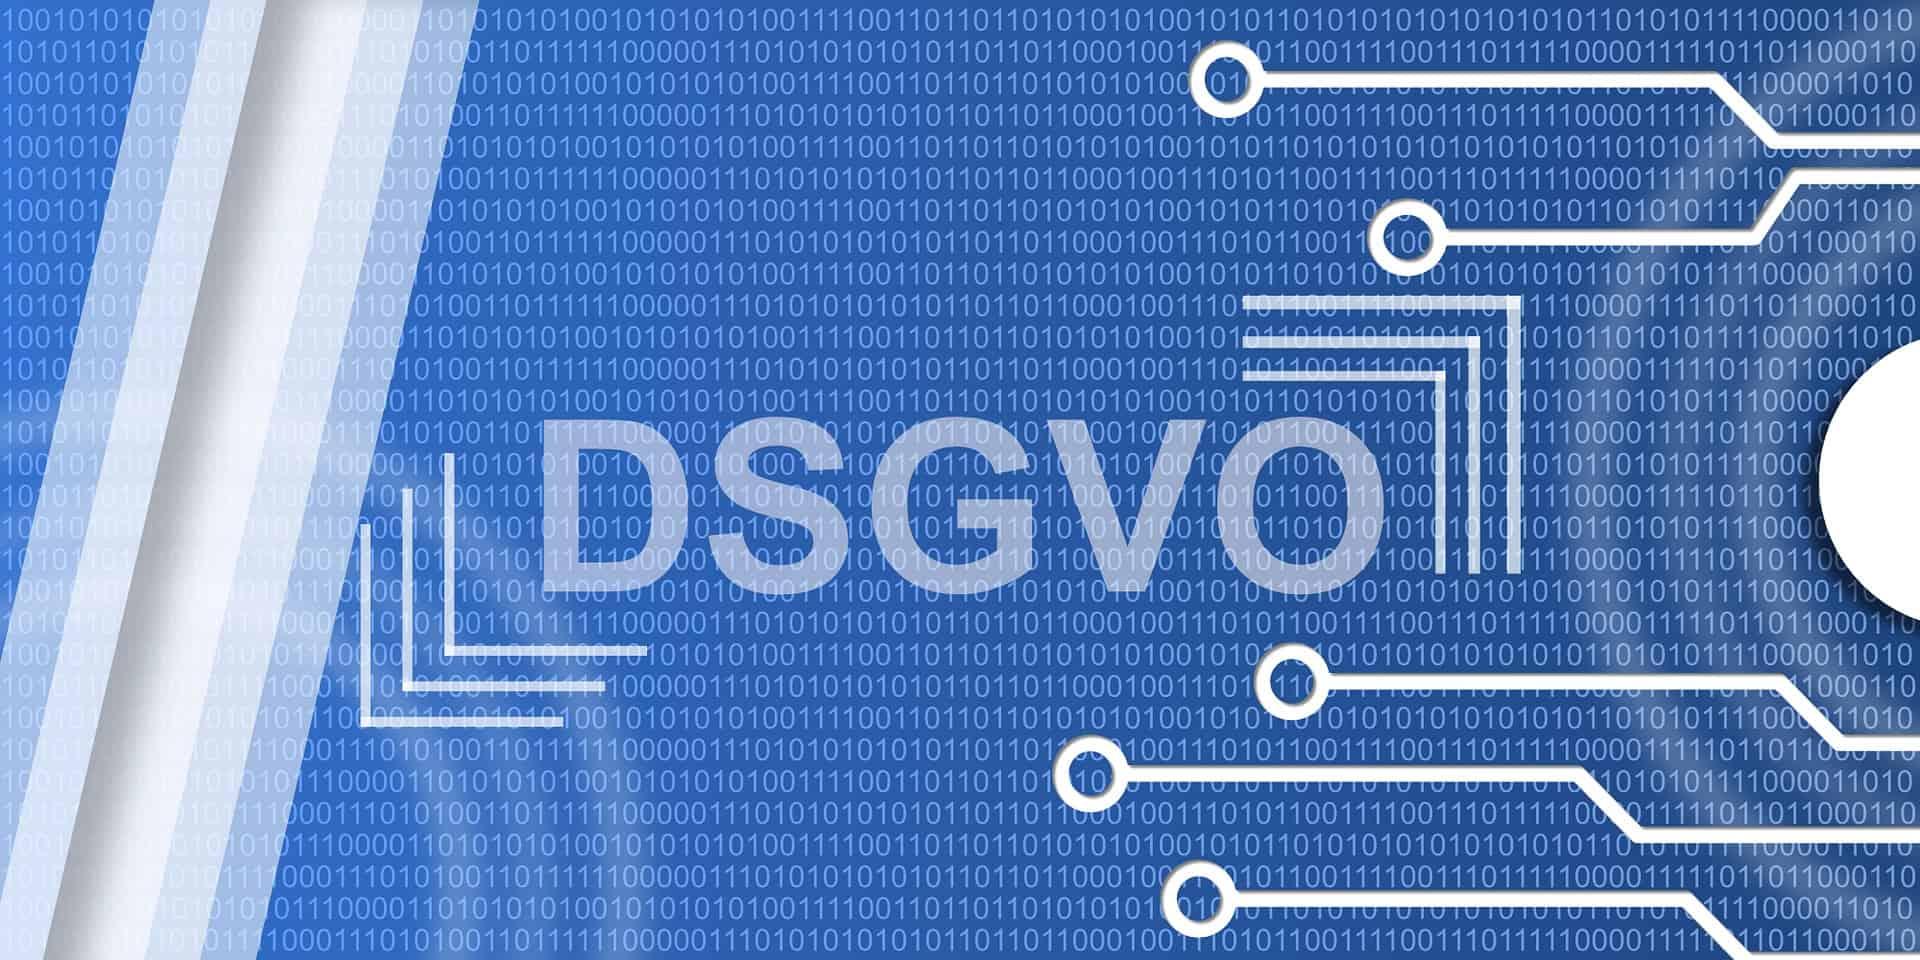 Die neuen Datenschutzregeln der EU nehmen Unternehmen stärker in die Pflicht.